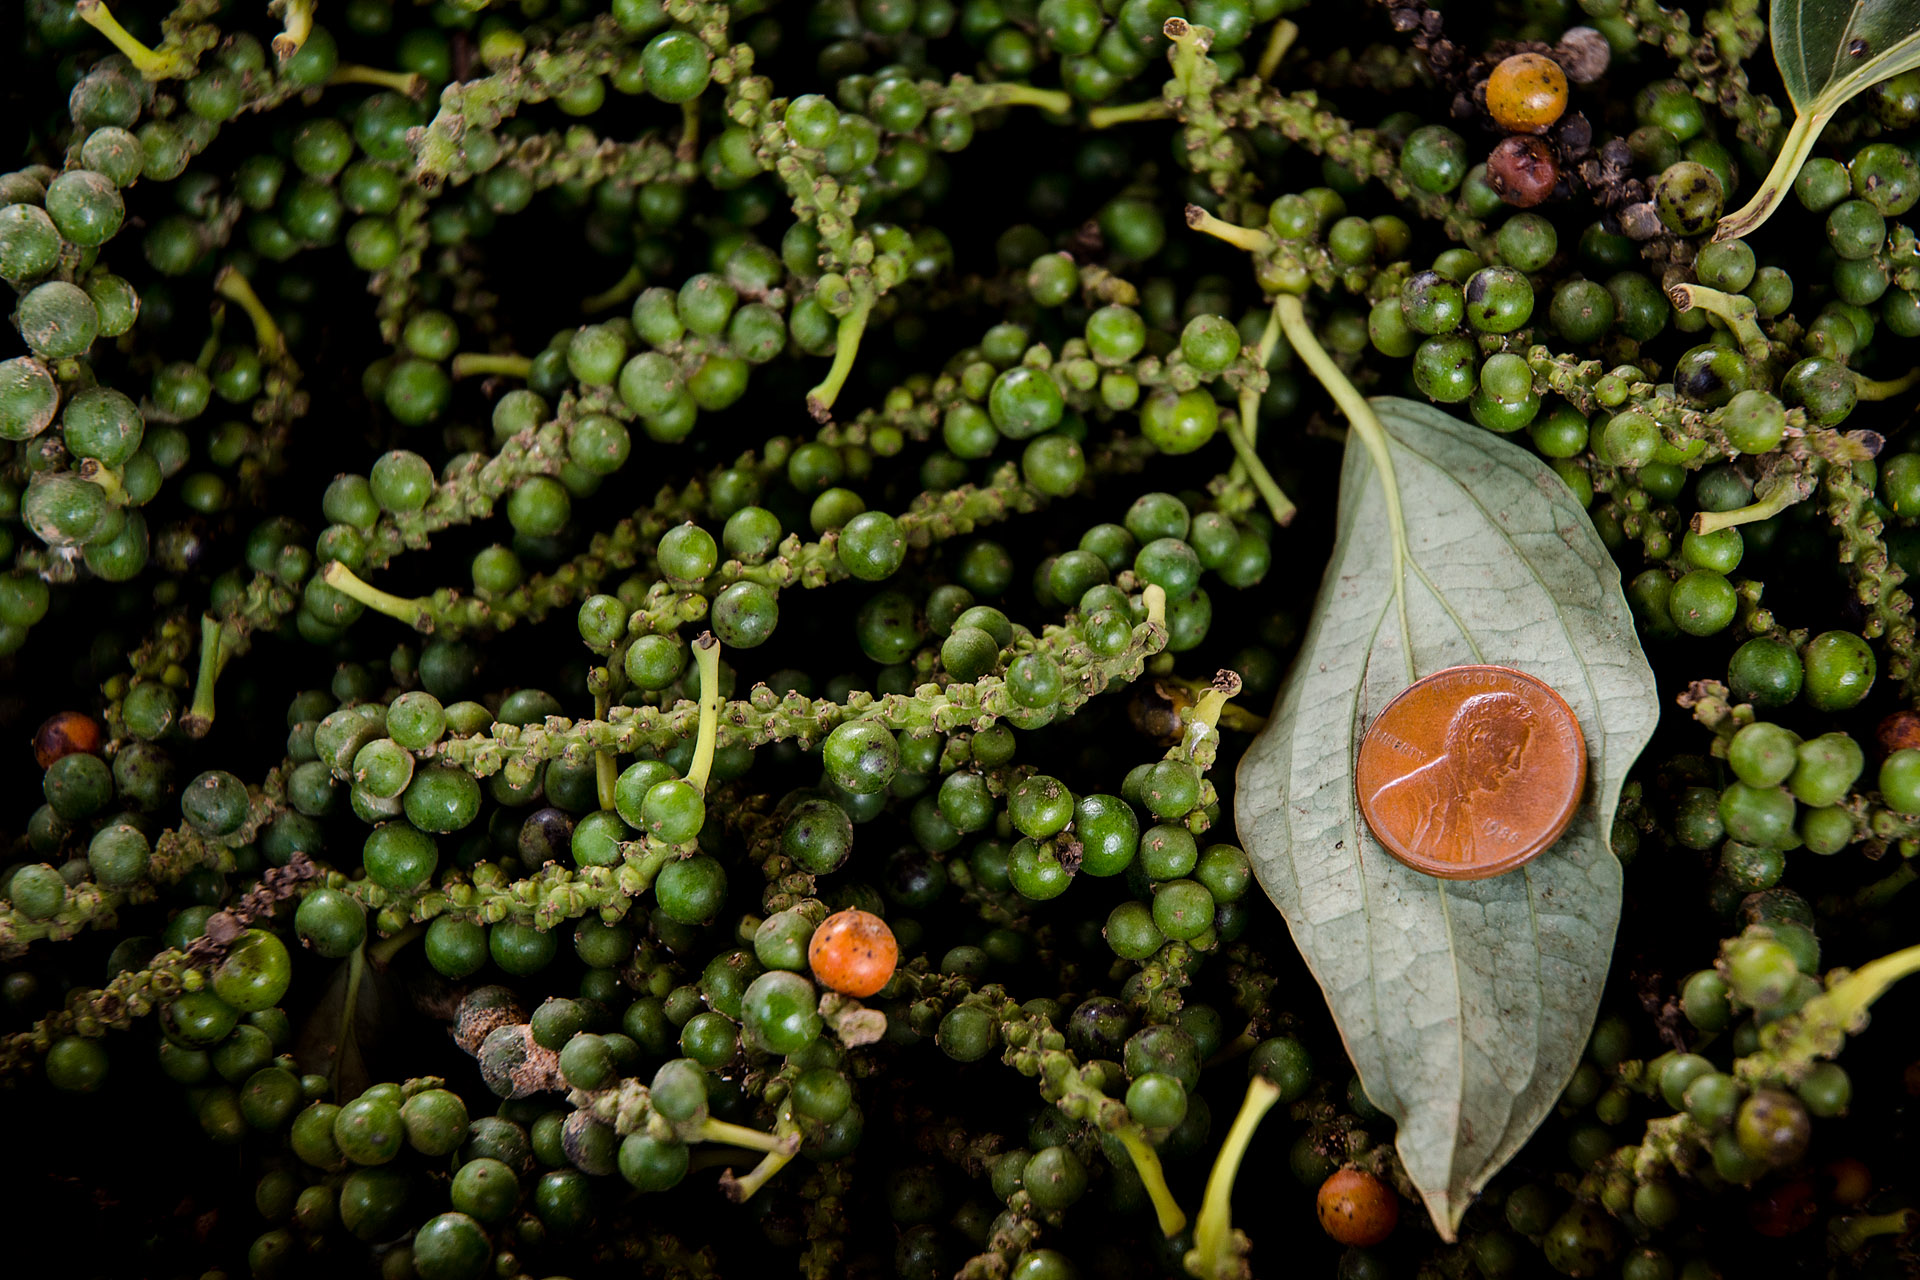 Kampot pepper